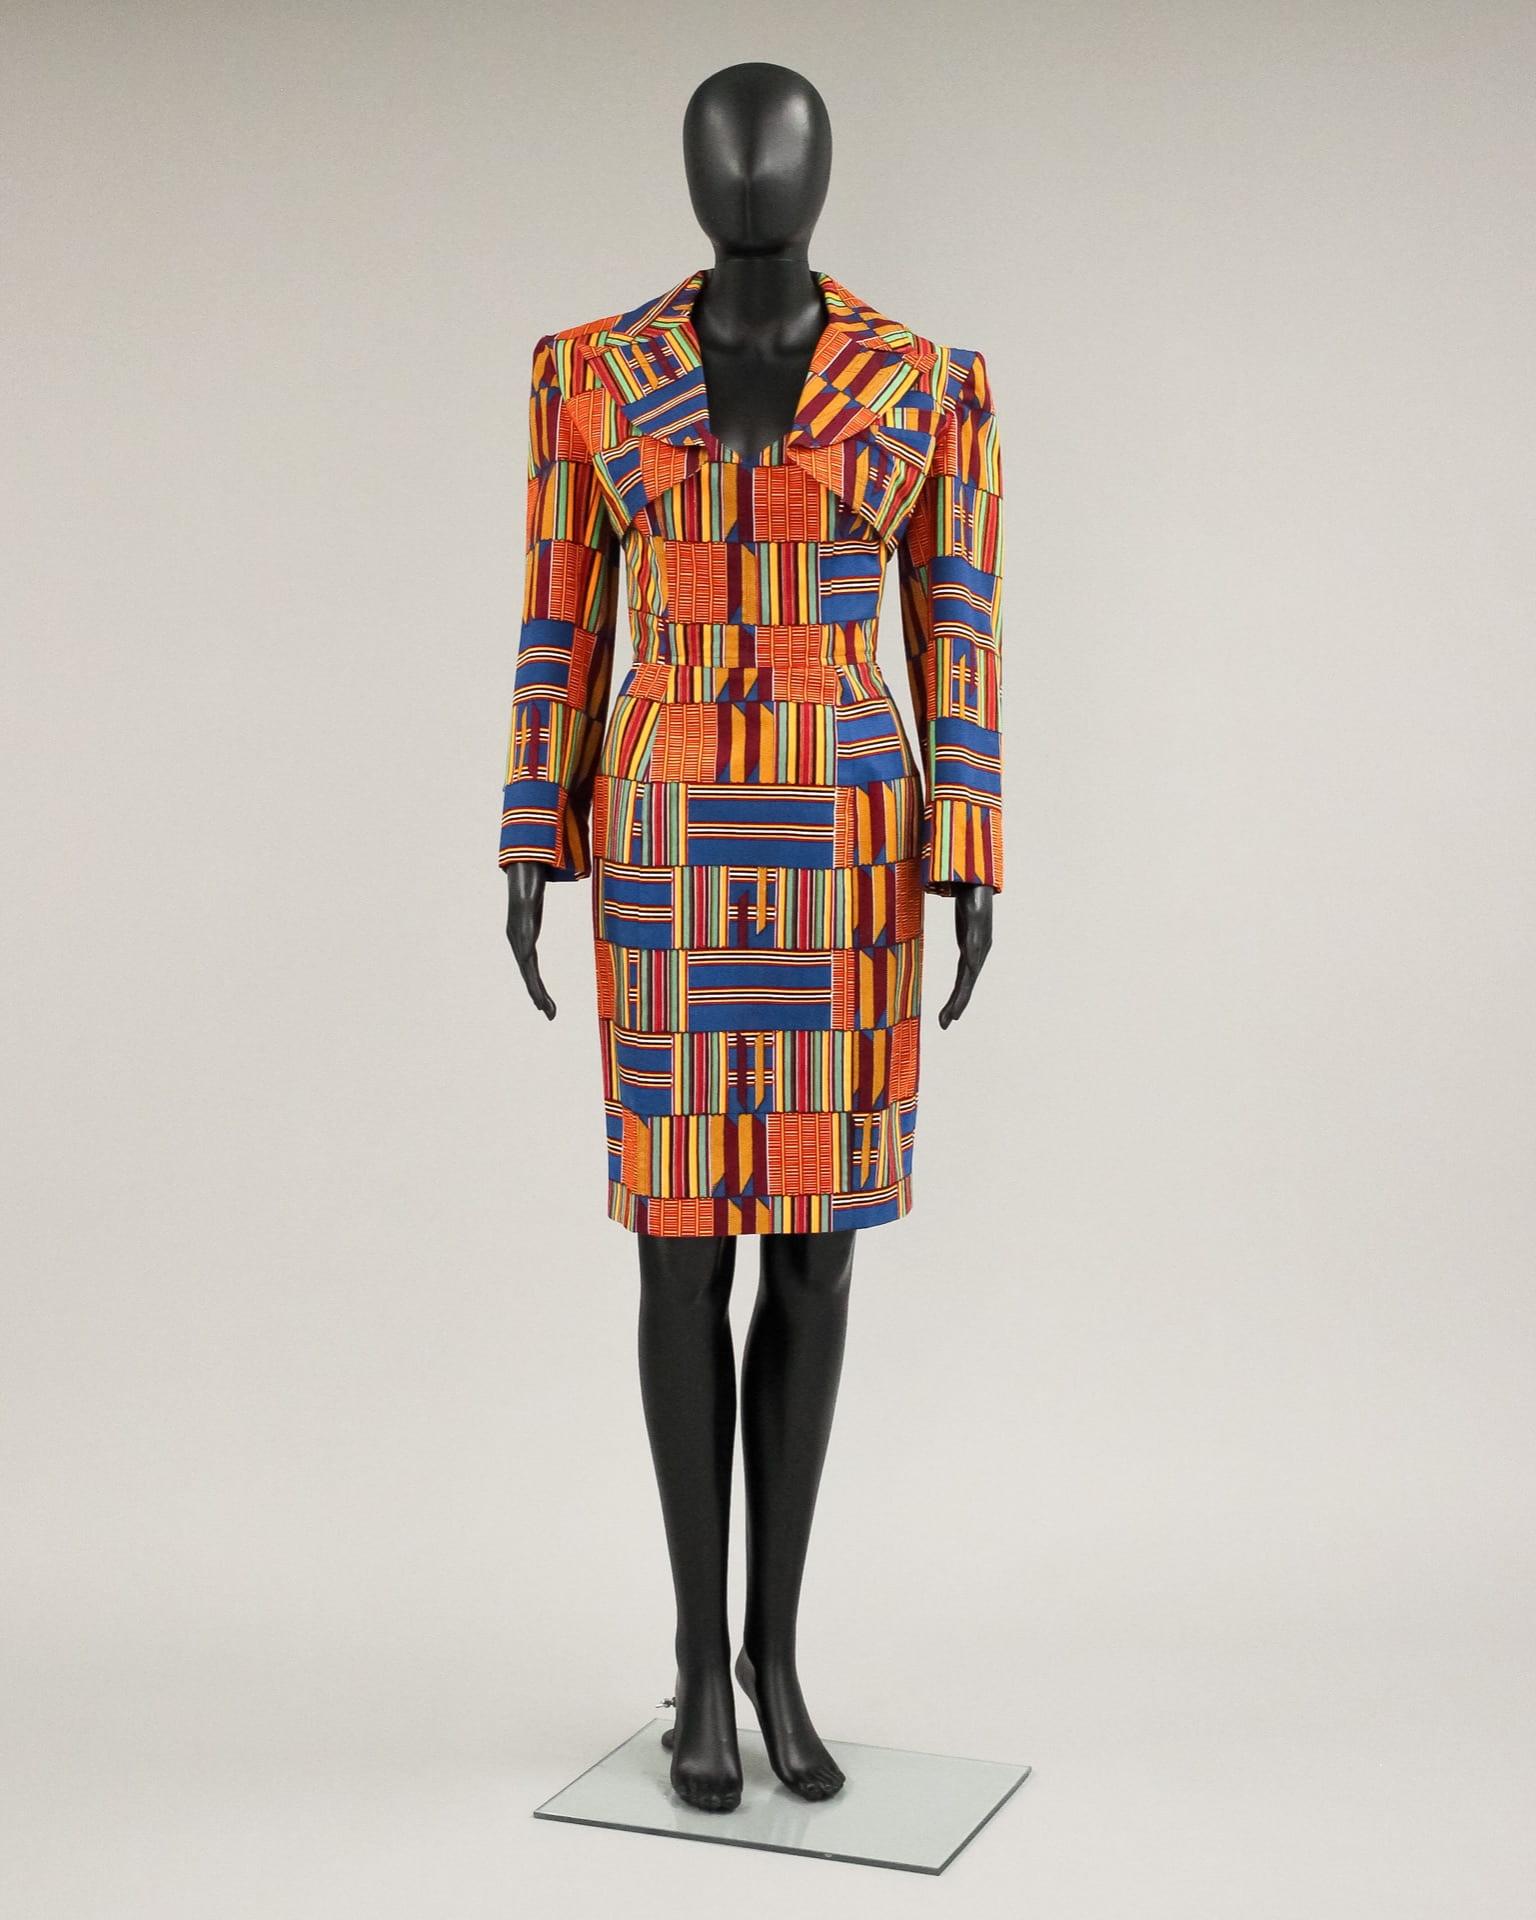 Kente cloth power suit